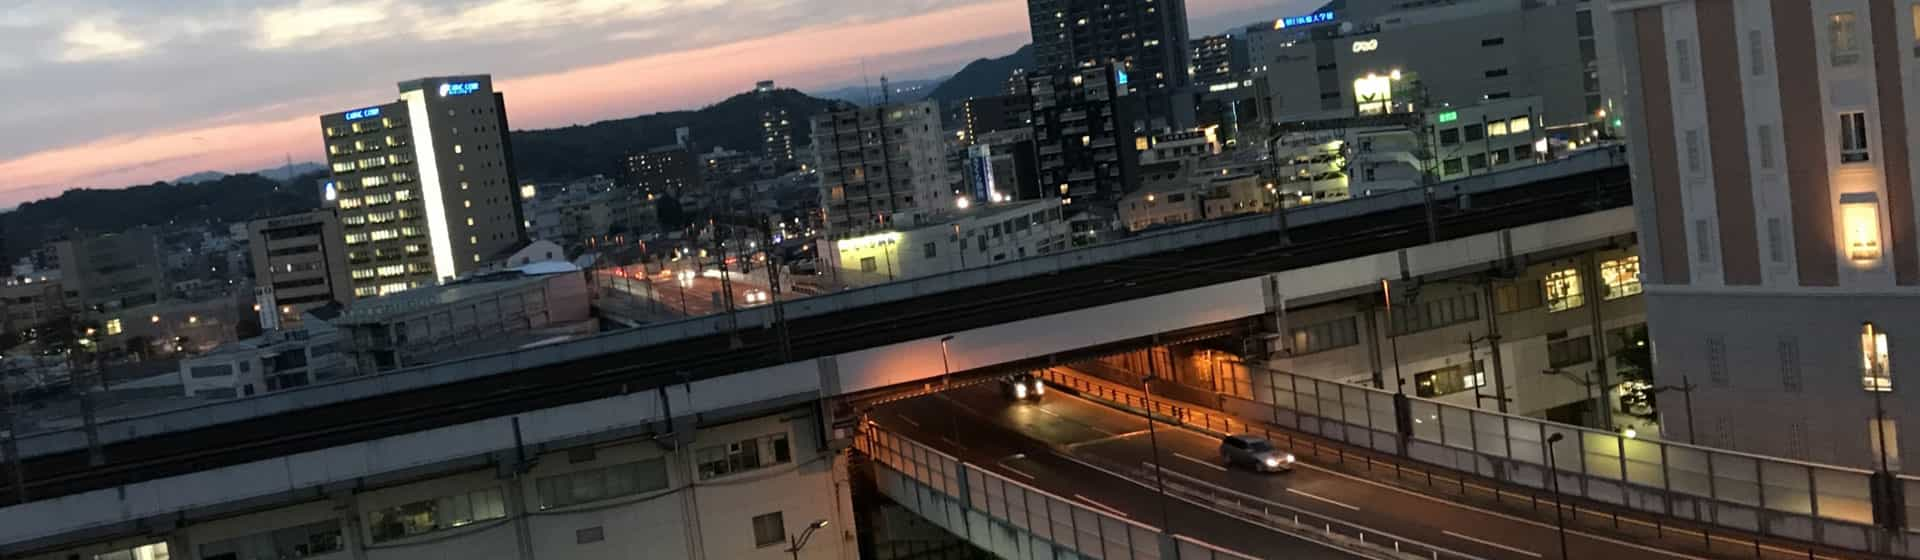 岡山市街空撮